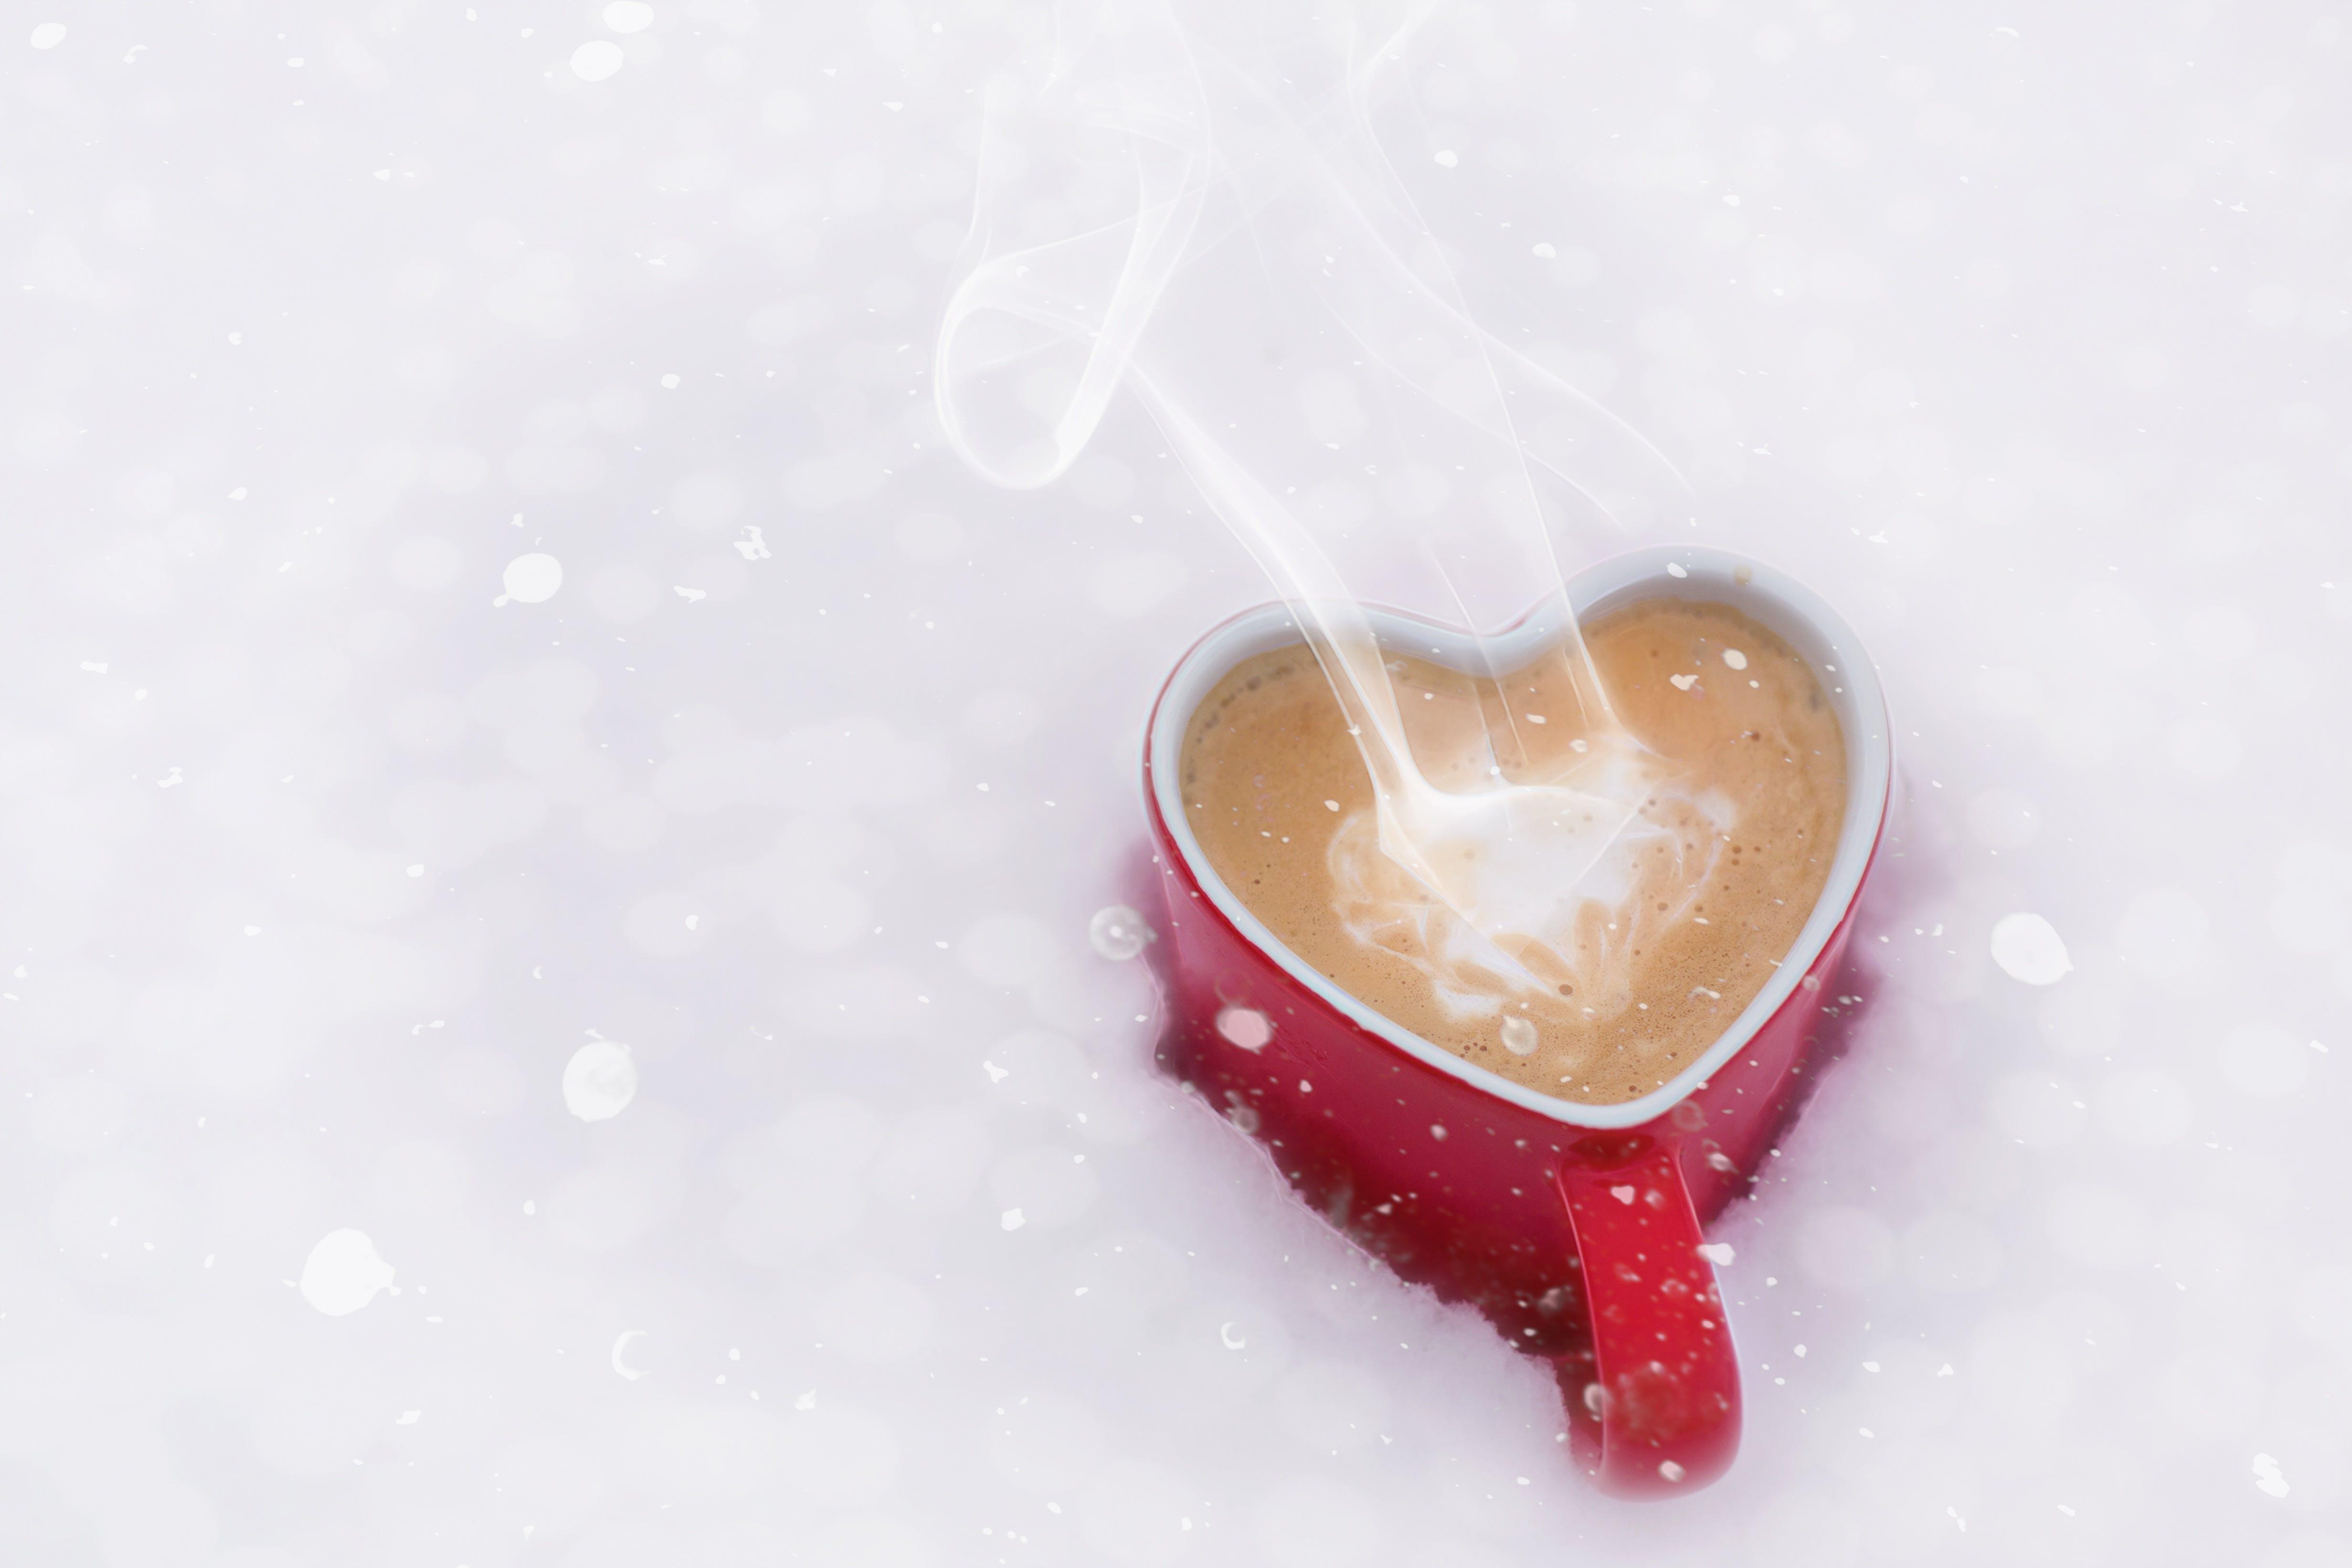 buğu, çekici, Fincan, fotoğrafçılık içeren Ücretsiz stok fotoğraf